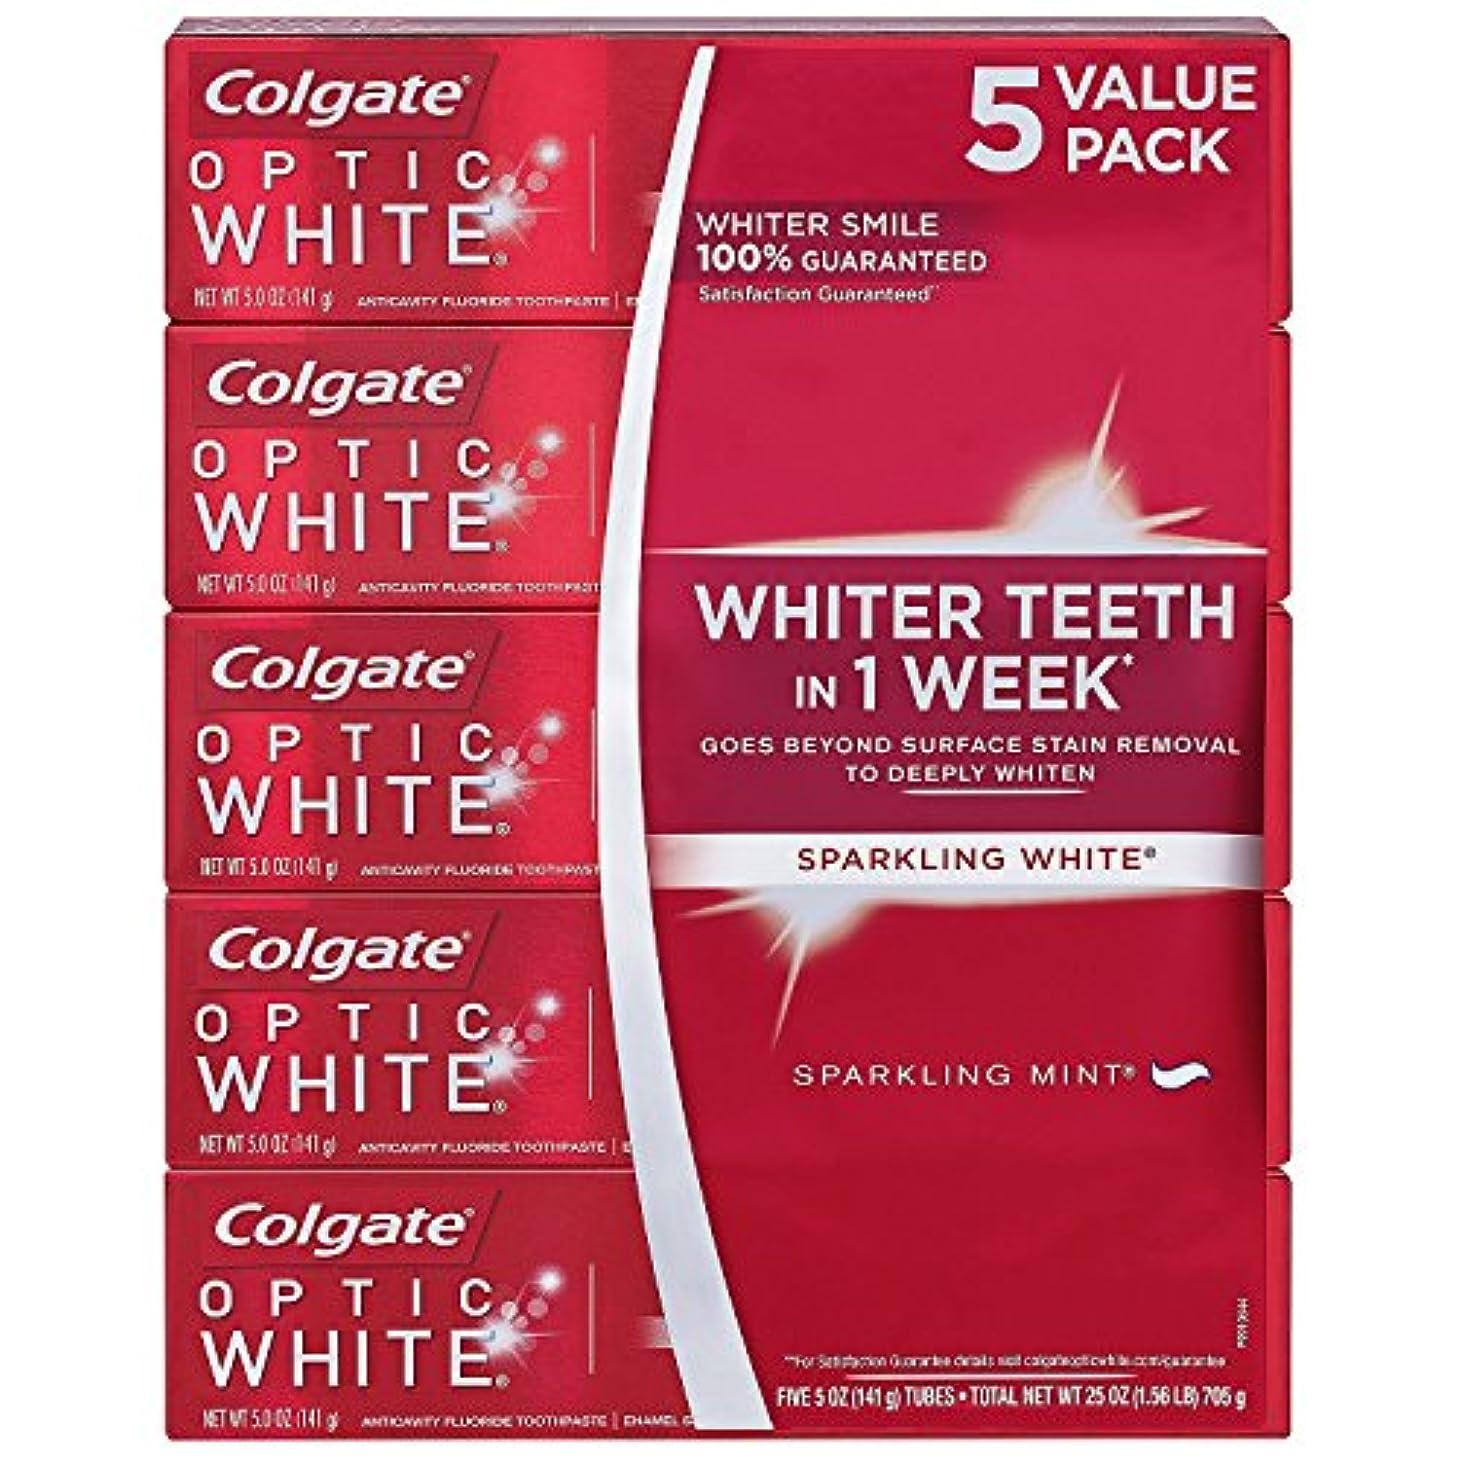 渇き平衡打ち上げる海外直送品 Colgate Optic White コルゲート オプティック ホワイト スパークリングミント141g ×5本 [Pack of 5]